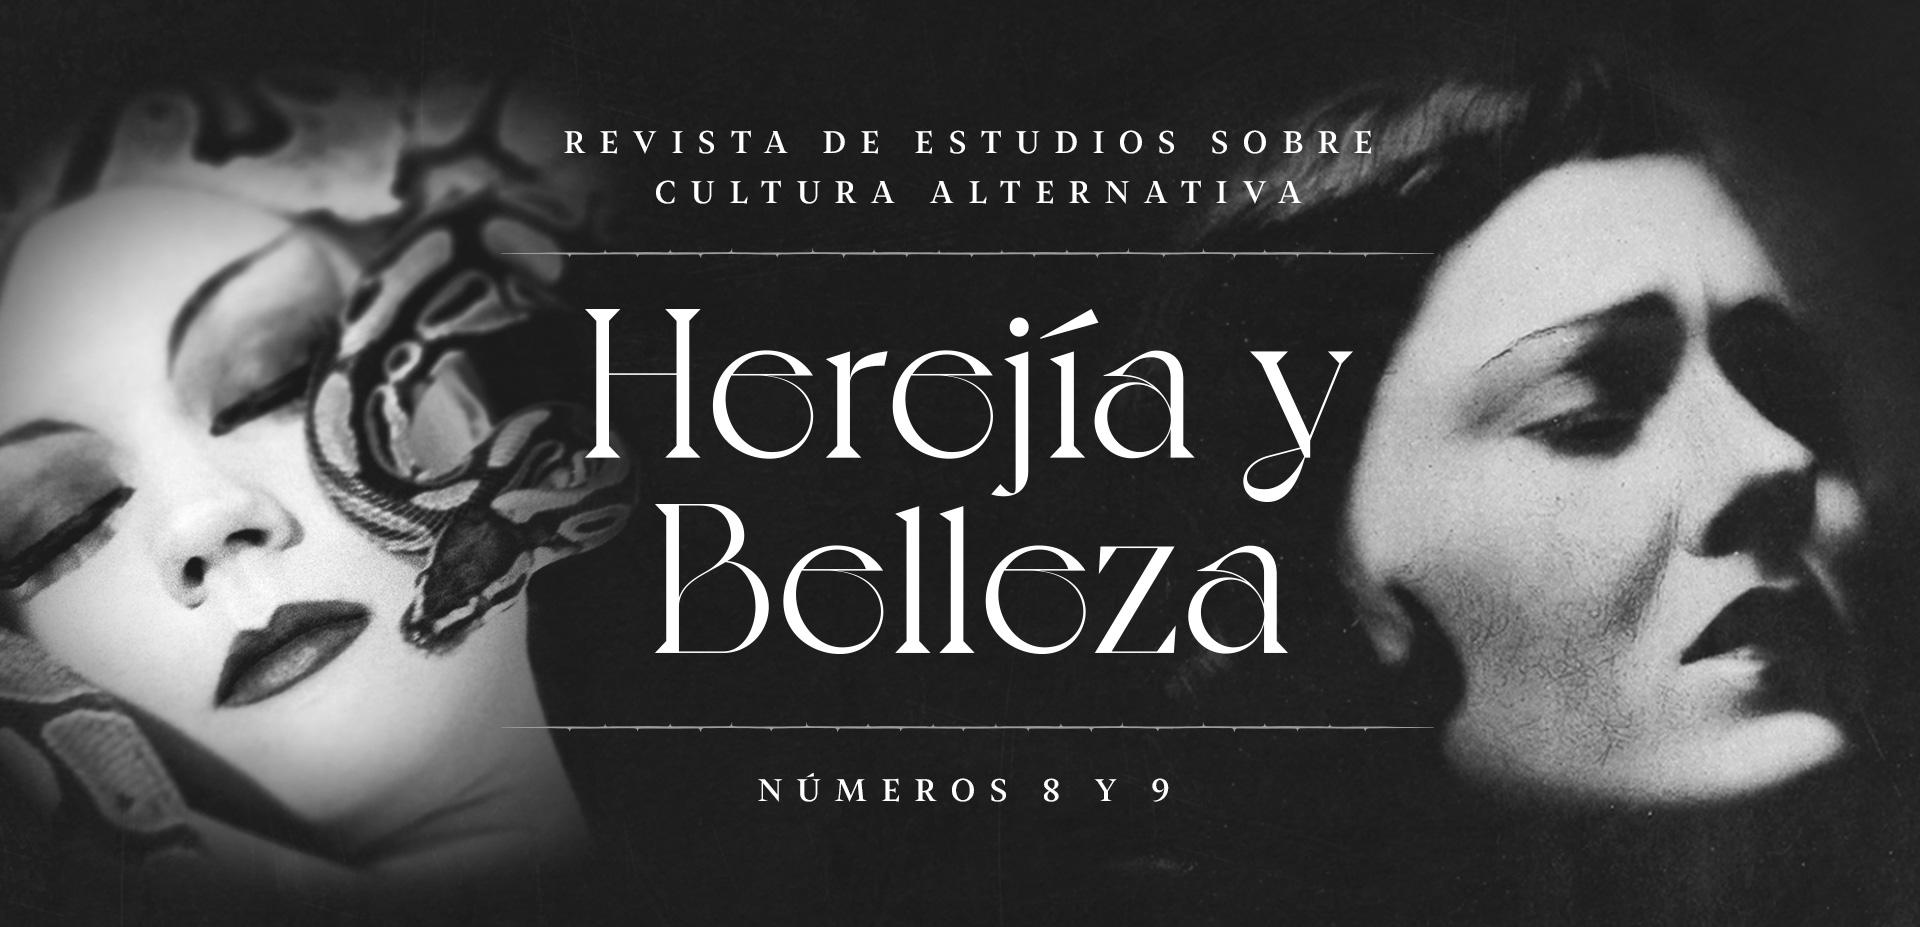 Besarilia - Herejía y Belleza números 8 y 9